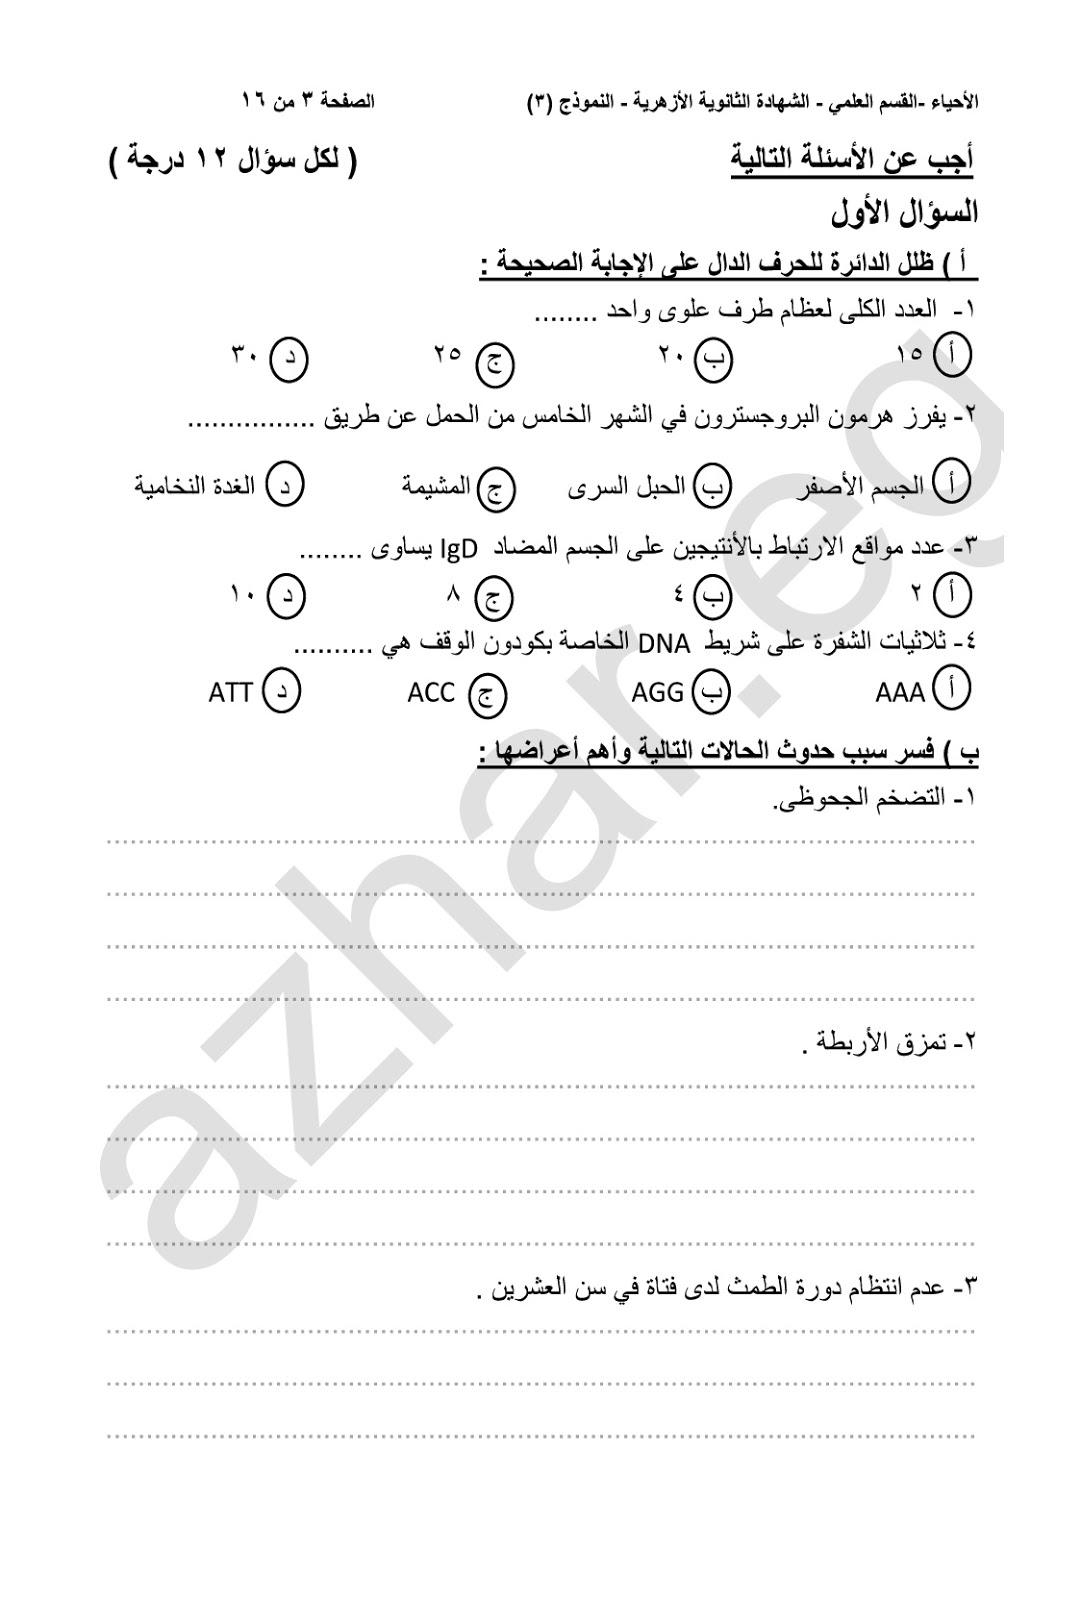 نموذج اجابة امتحان الاحياء للثانوية الازهرية 2020 بوابة الأزهر الالكترونية حل امتحان الاحياء 3 ثانوي ازهر ٢٠٢٠